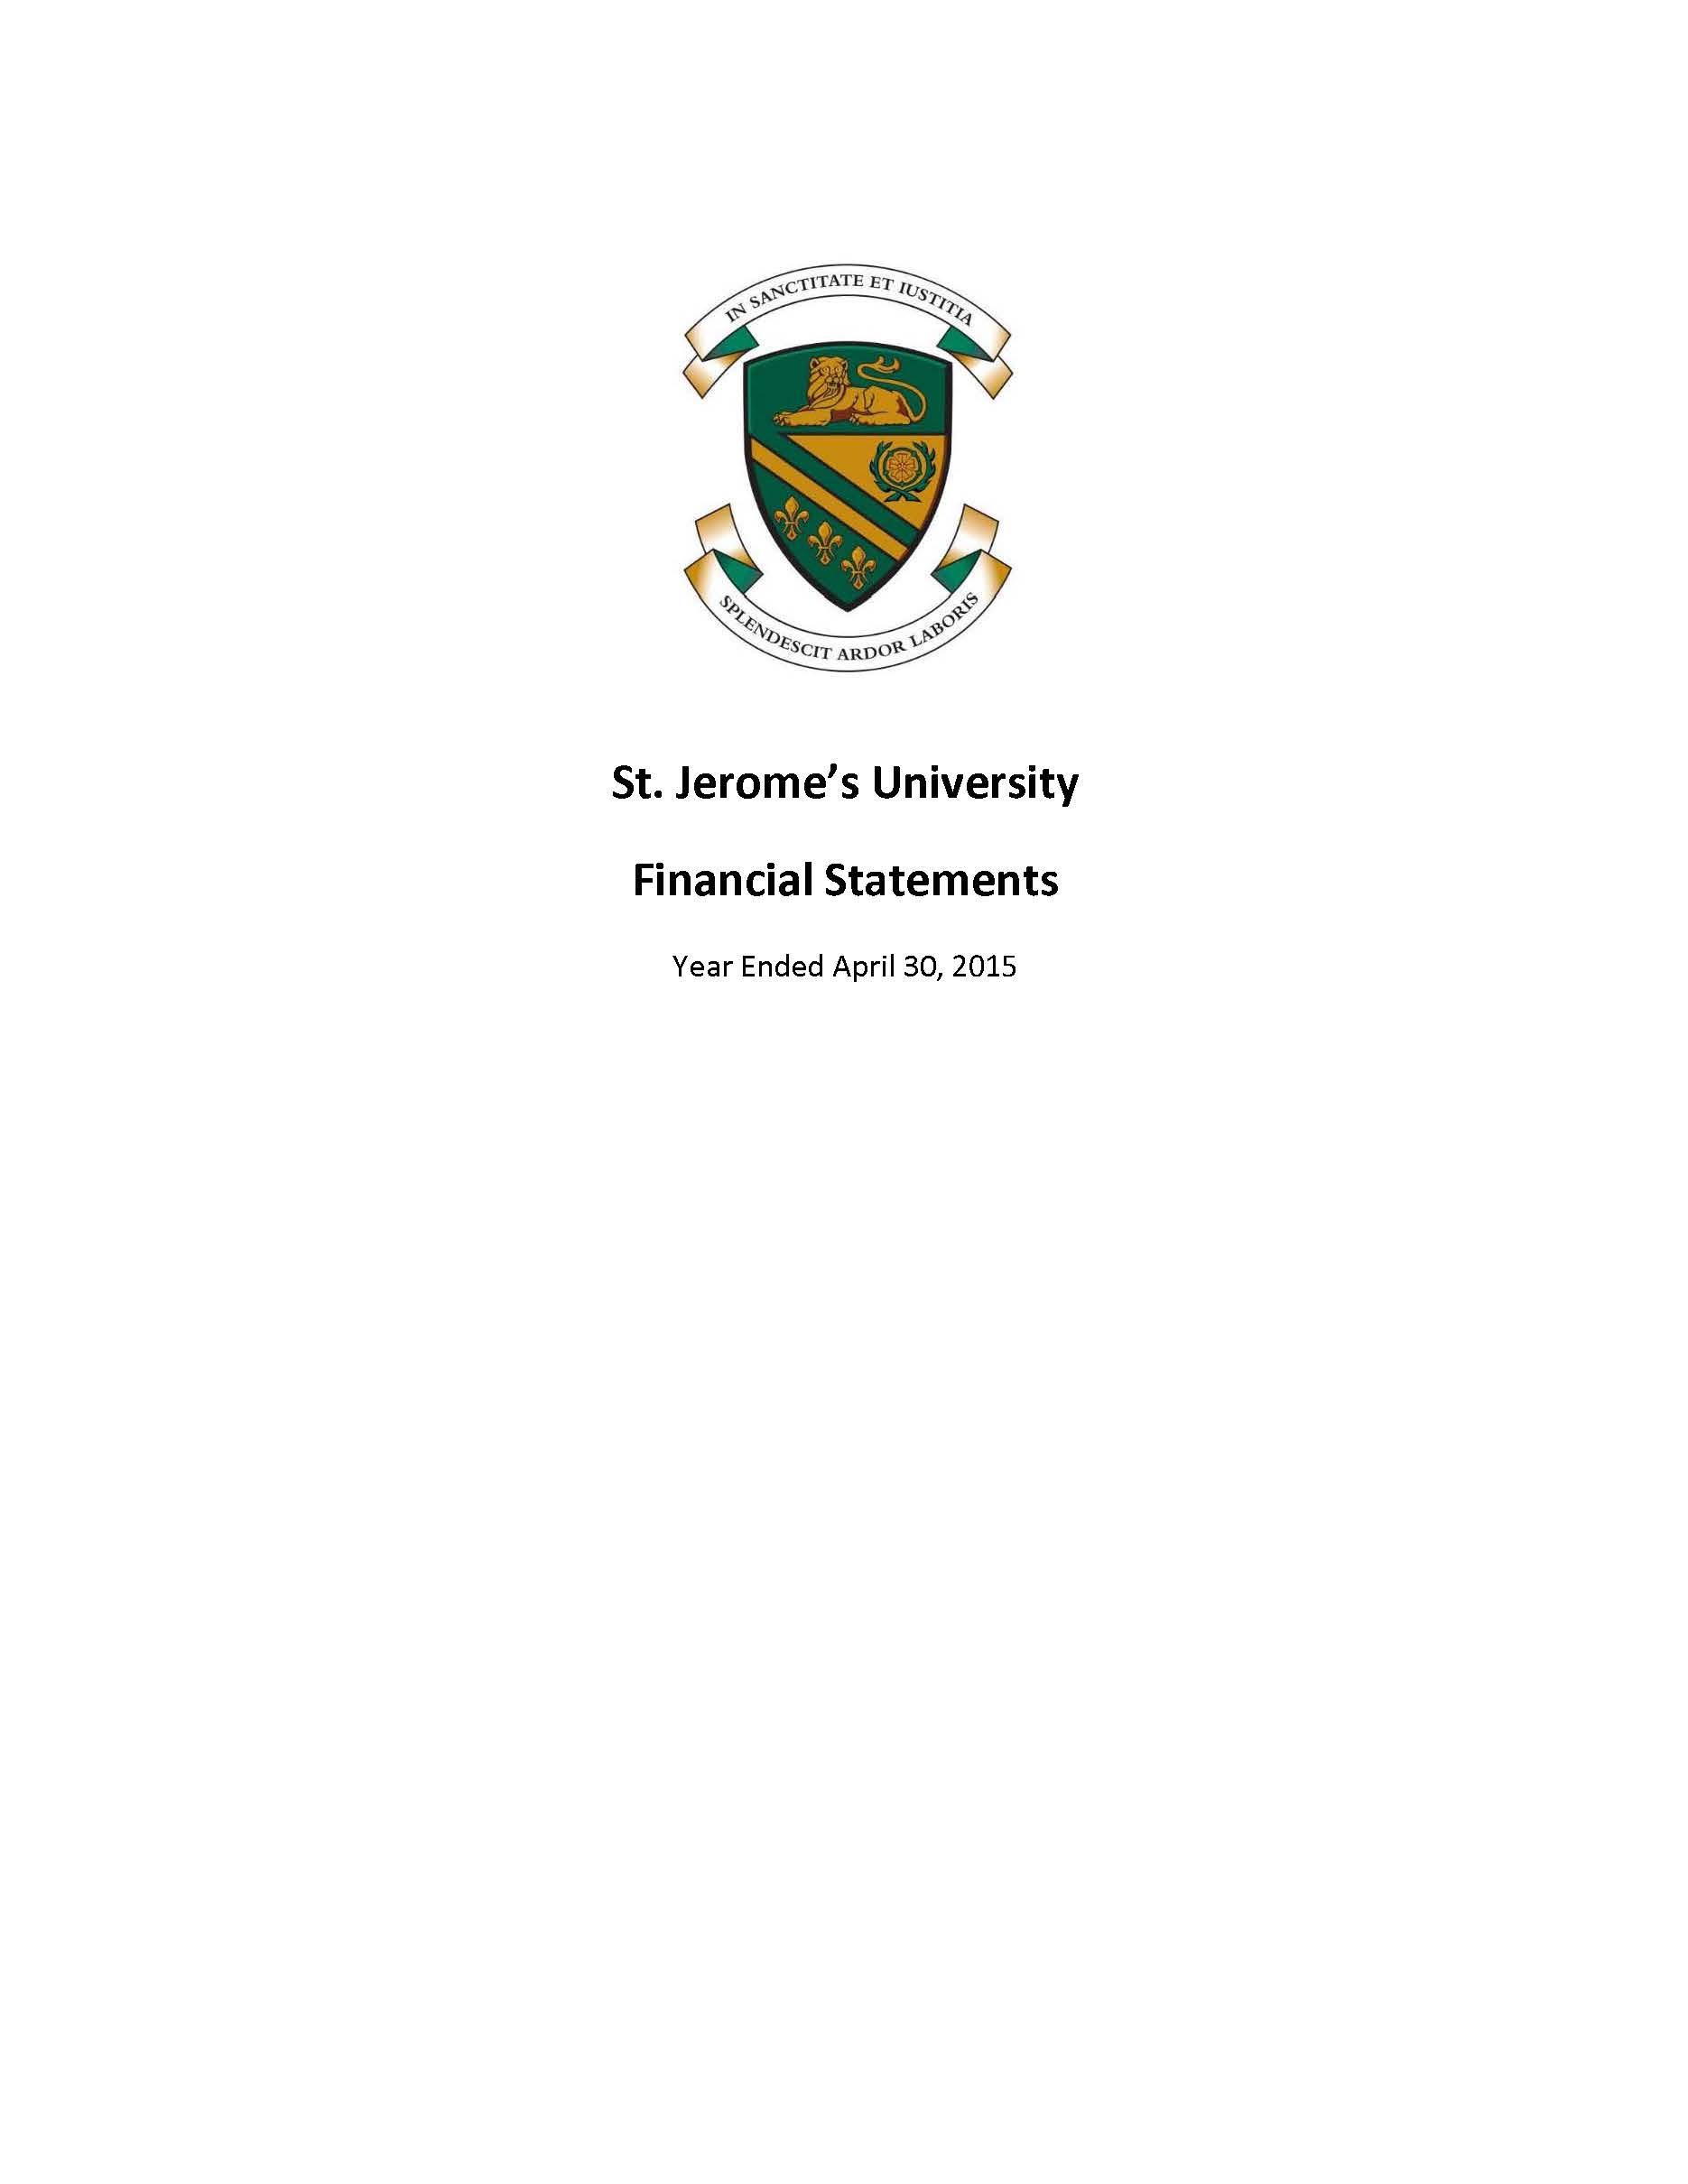 SJU Financial Statements Ending 2015